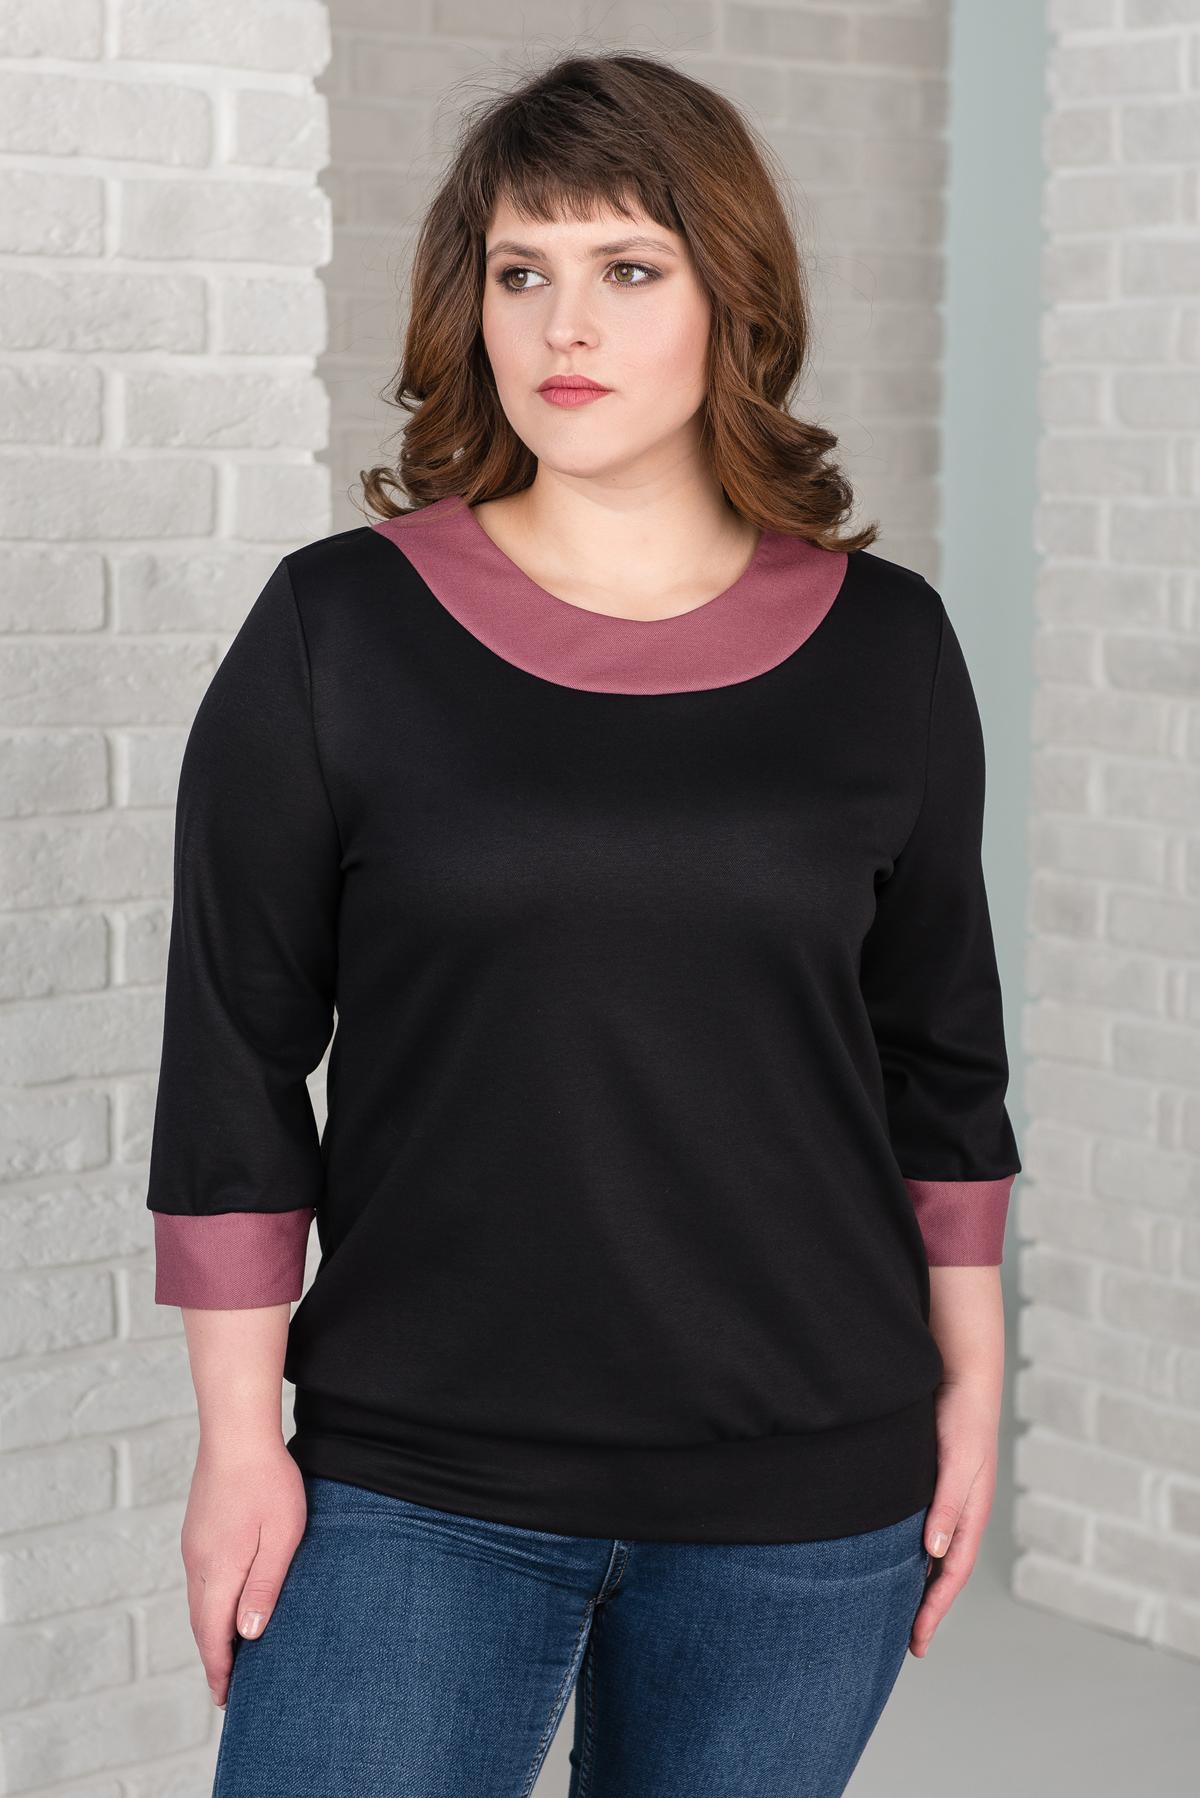 Жен. блуза арт. 19-0387 Черный р. 46 Шарлиз